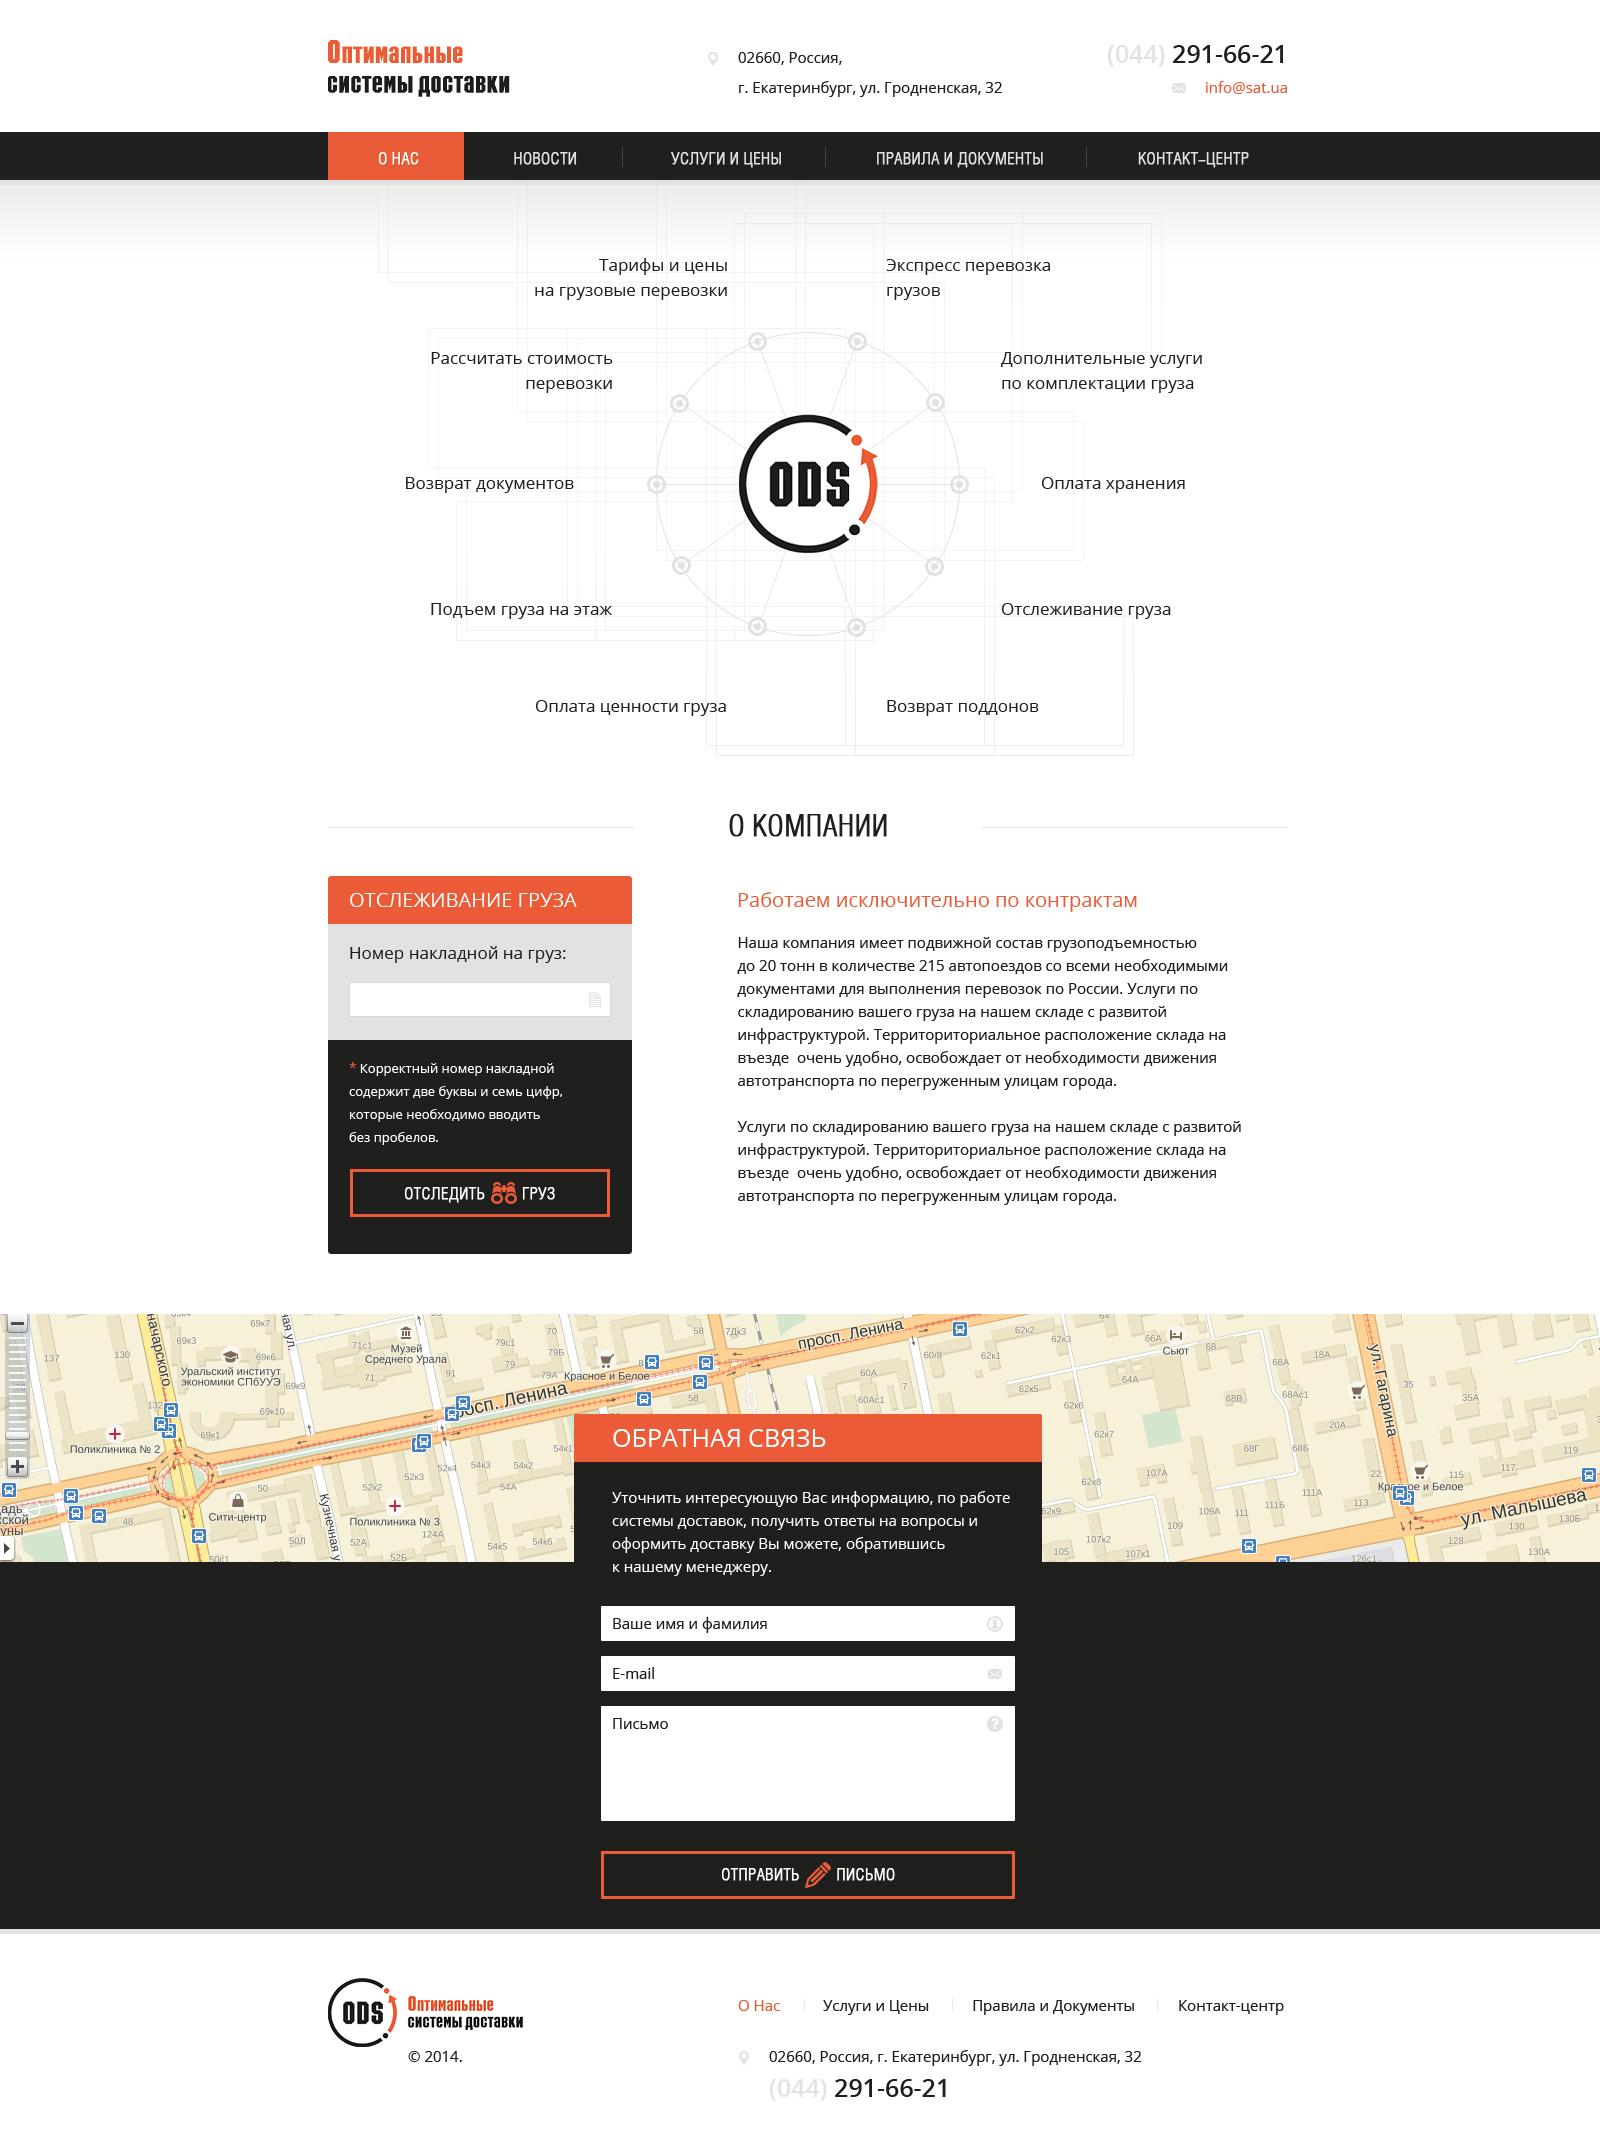 Дизайн сайта-визитки для транспортной компании фото f_43653d0ef45c1d13.jpg